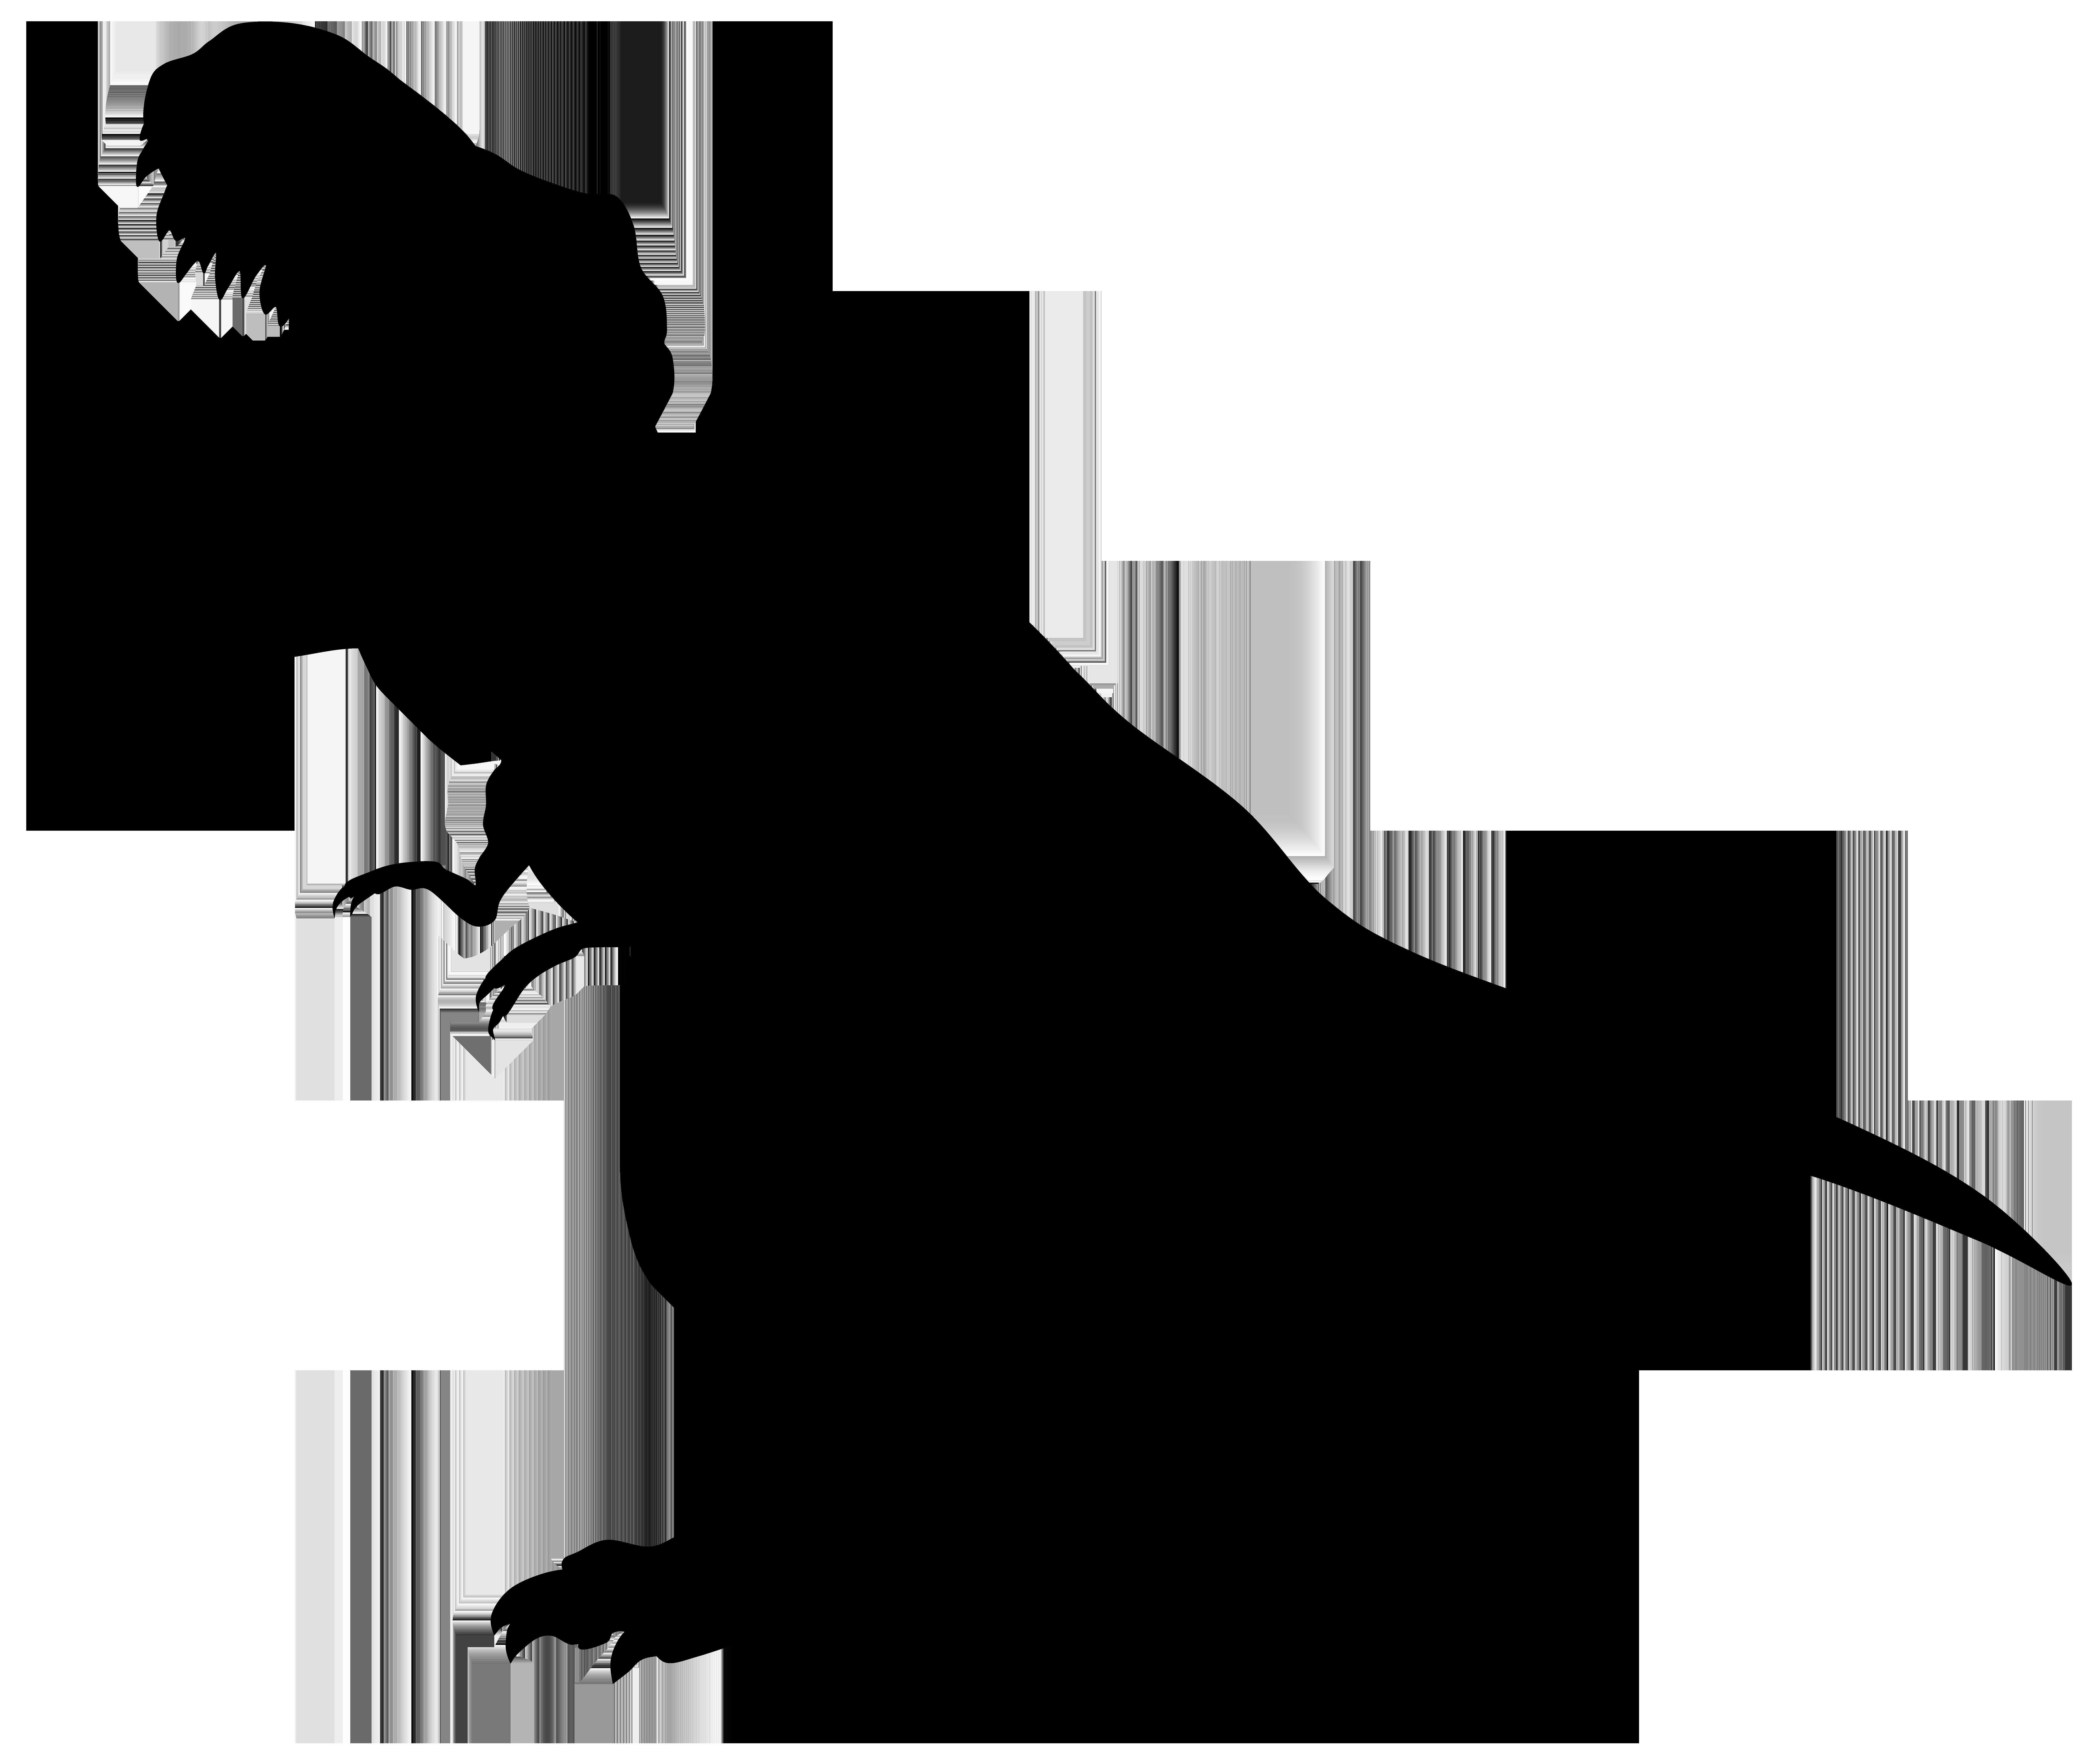 Dinosaur Rex Silhouette PNG Transparent Clip Art Image.